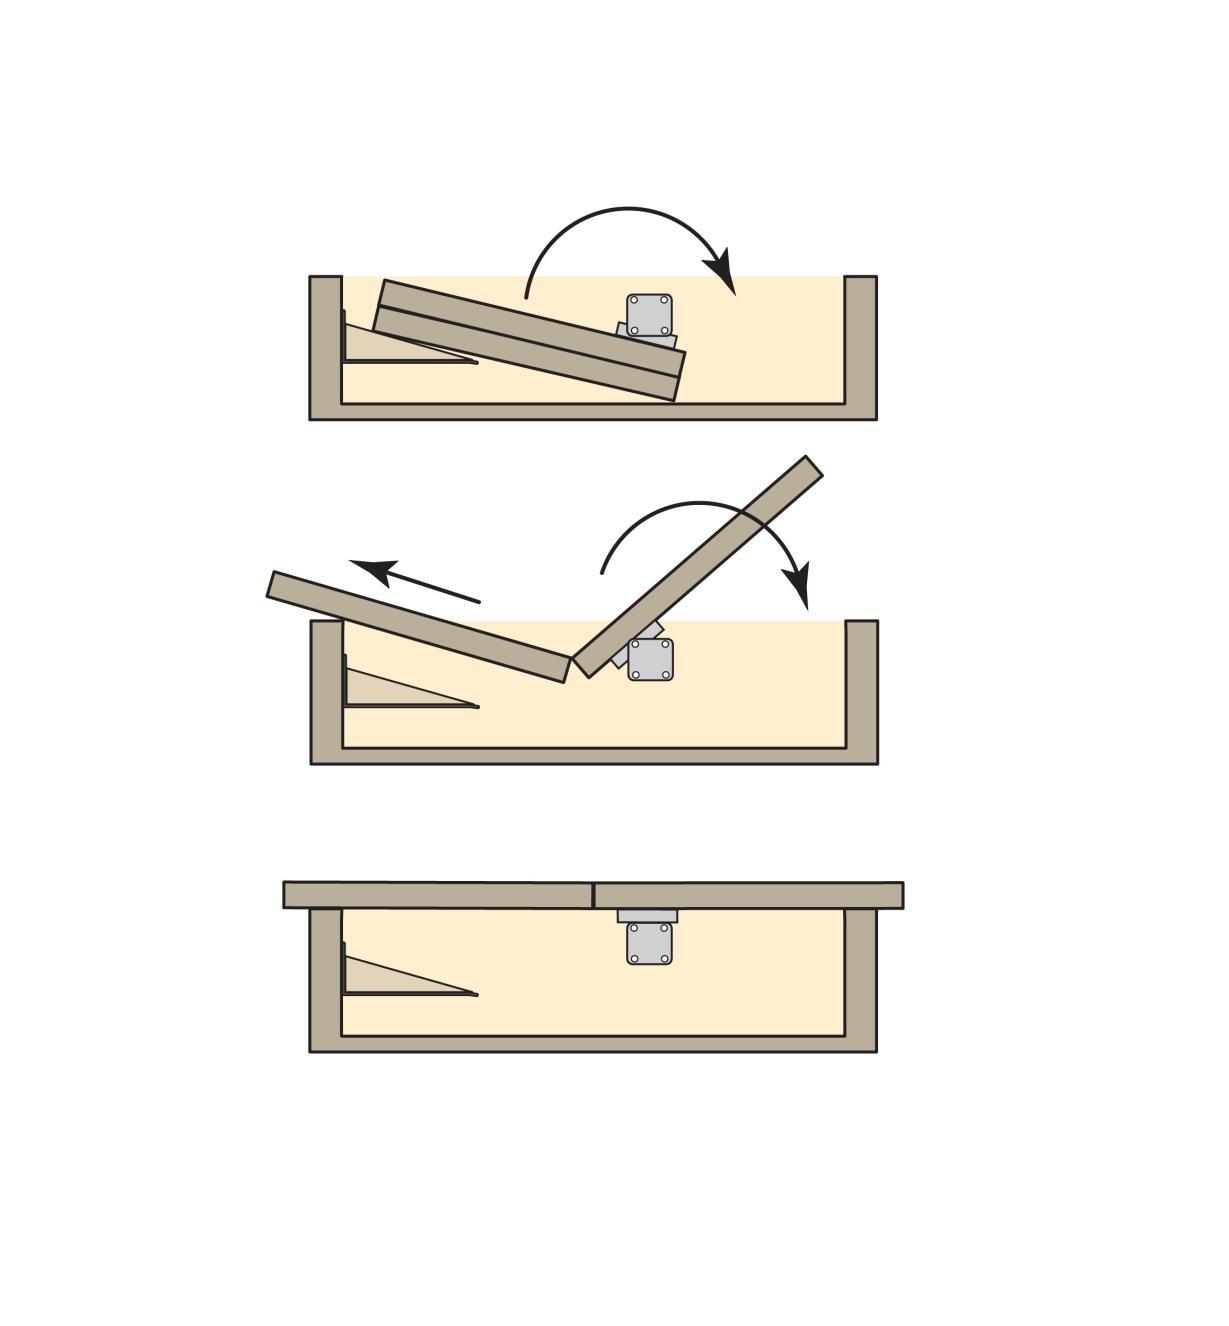 17K1541 - Mécanisme pivotant pour table à rallonge escamotable pliante